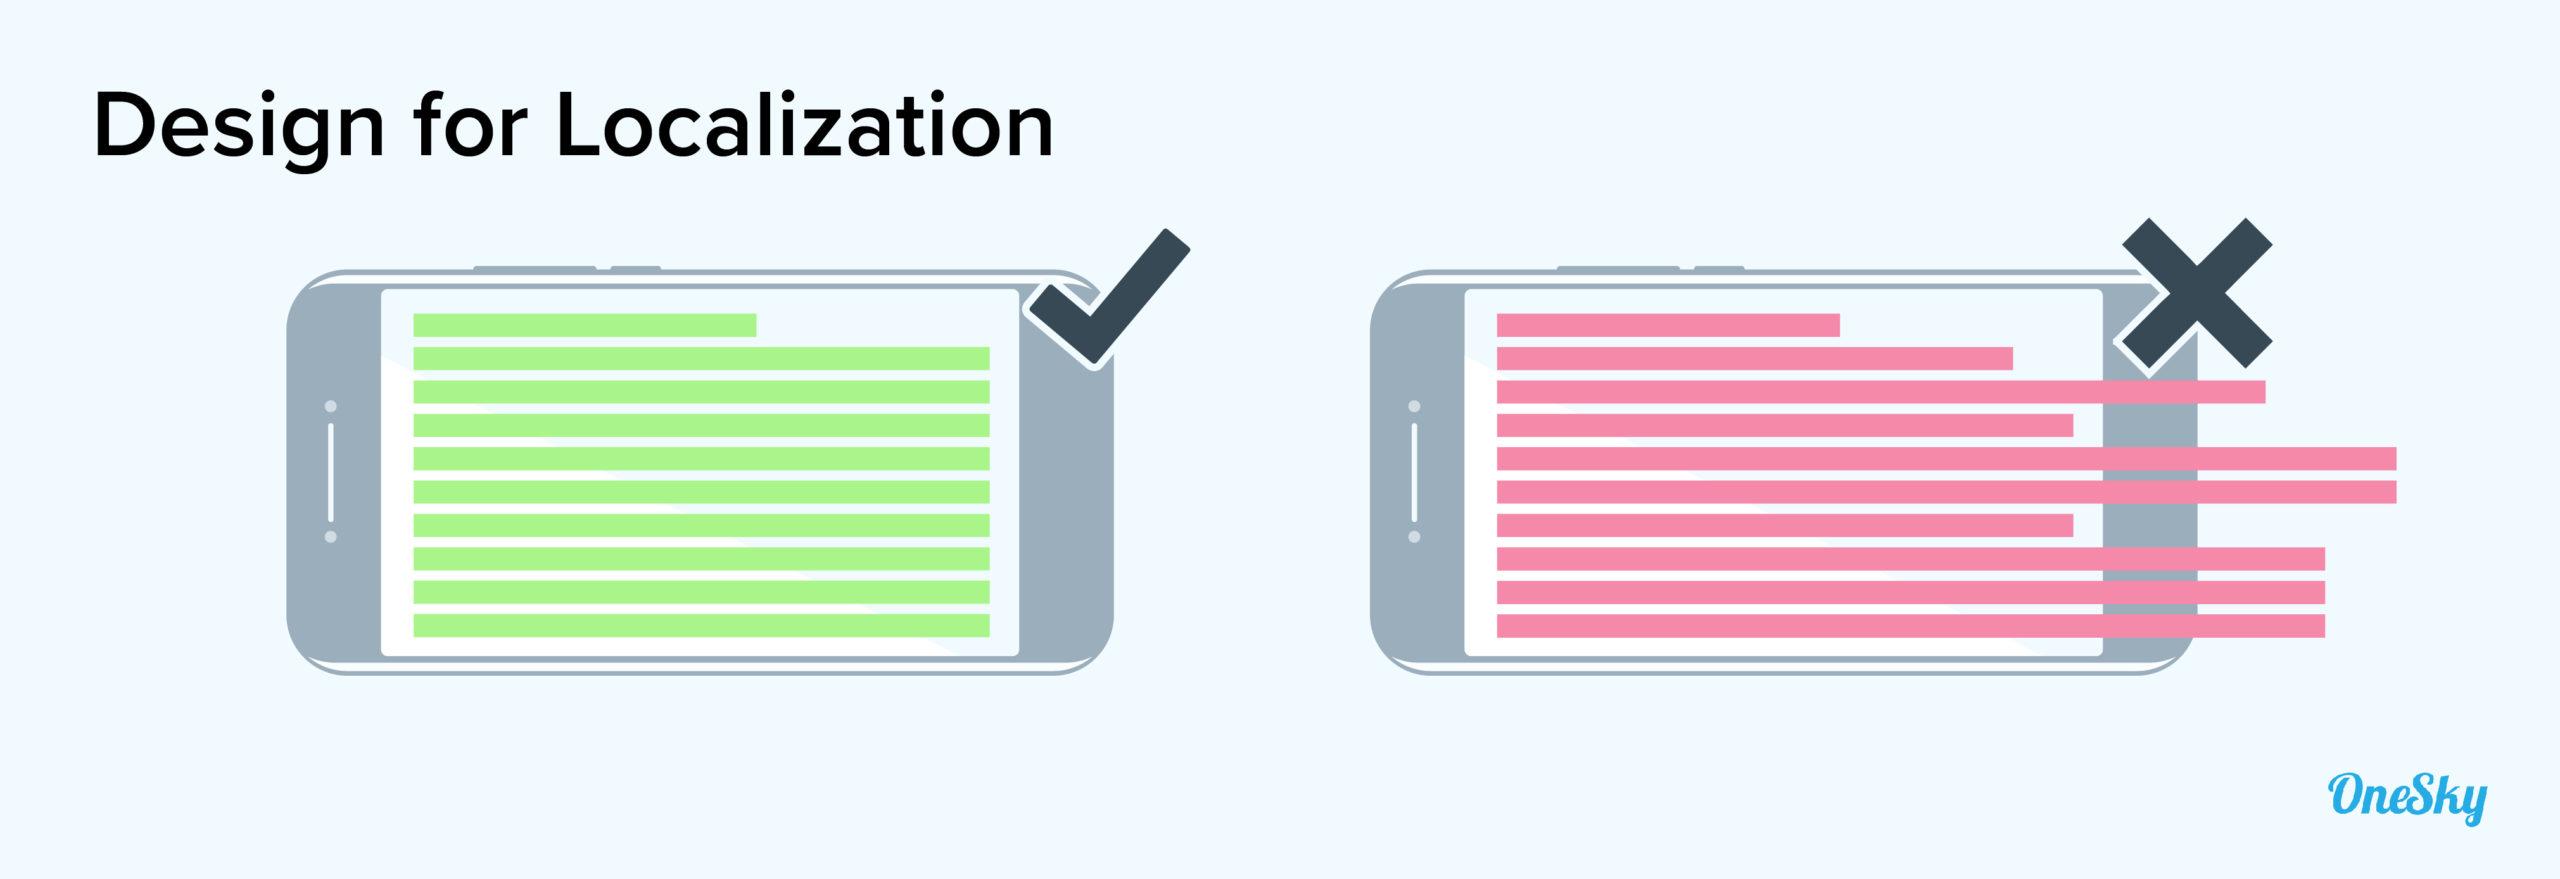 design for localization